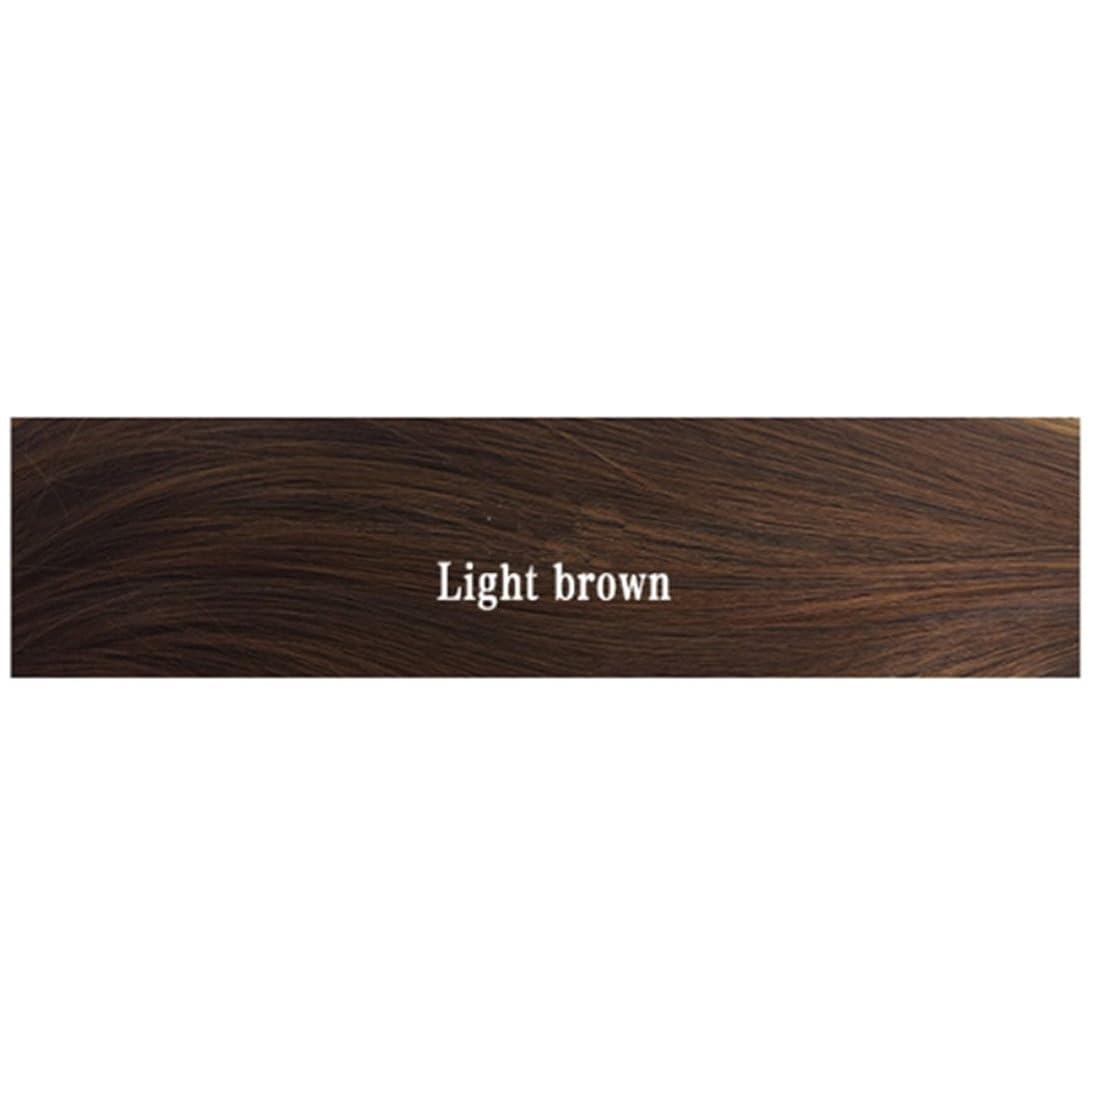 フルーティーメタン紳士JIANFU 女性 耐熱性 28inch 長い ウィッグ 220g(ブラック/ダークブラウン/ライト ブラウン) (Color : Light brown)